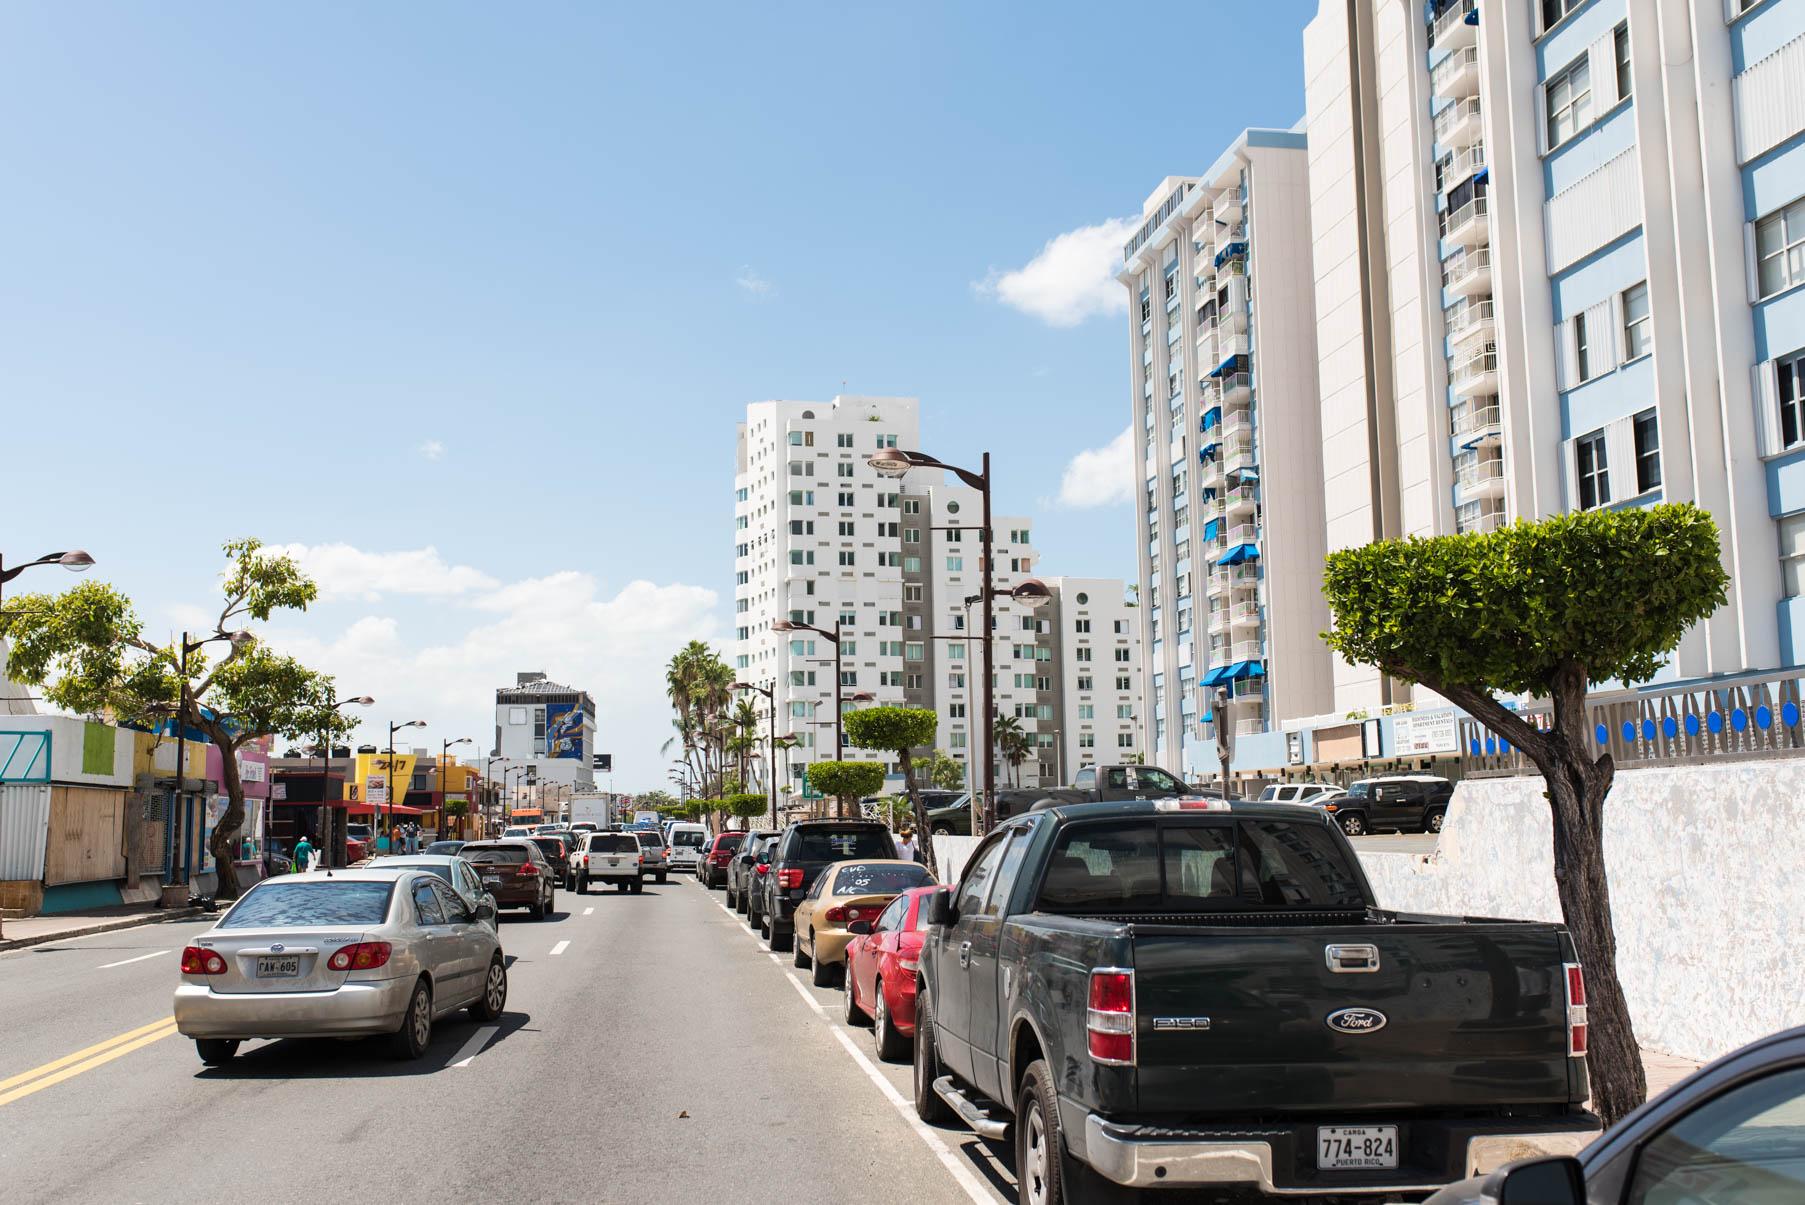 streets of carolina, puerto rico